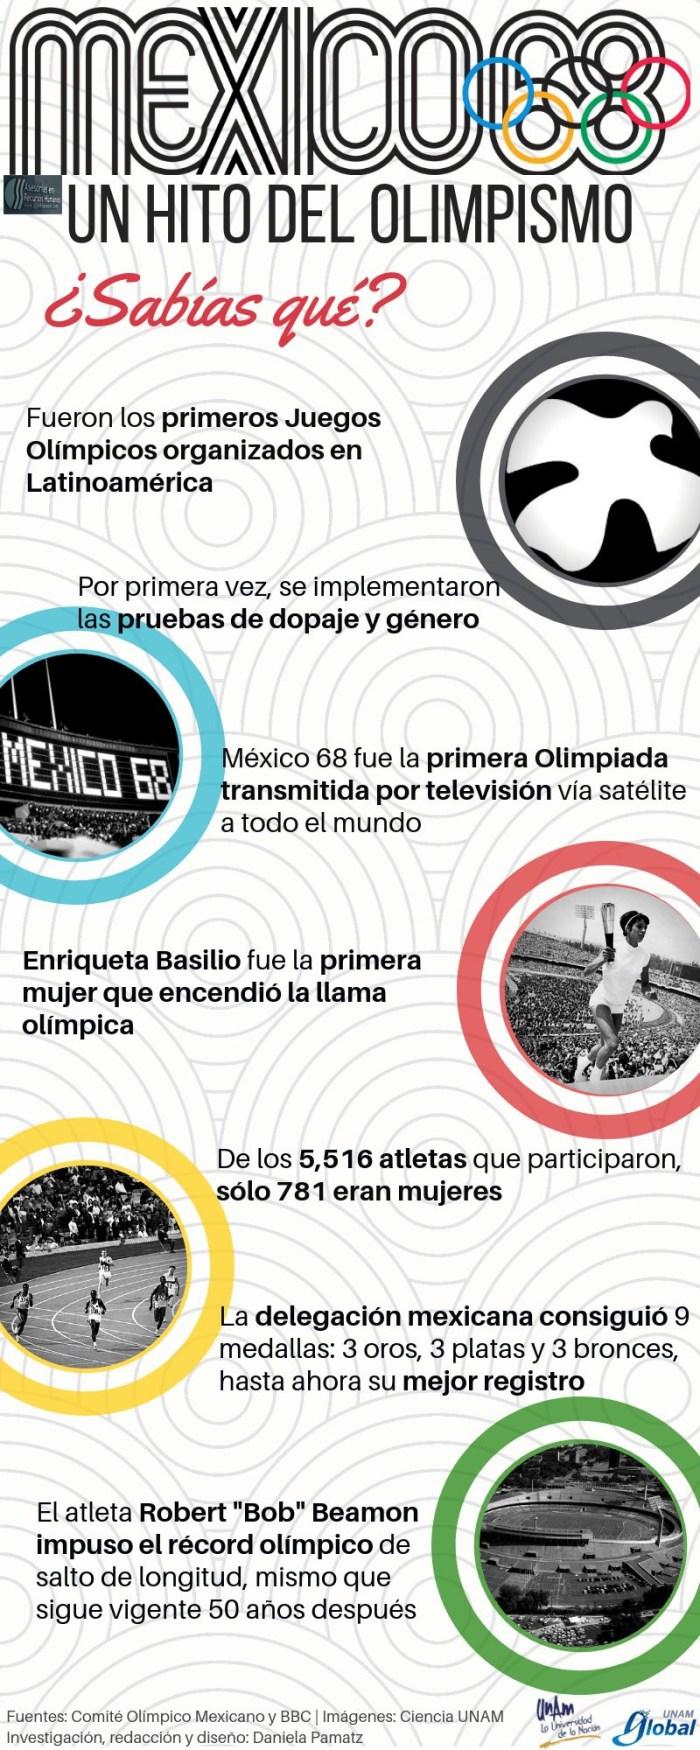 #México68